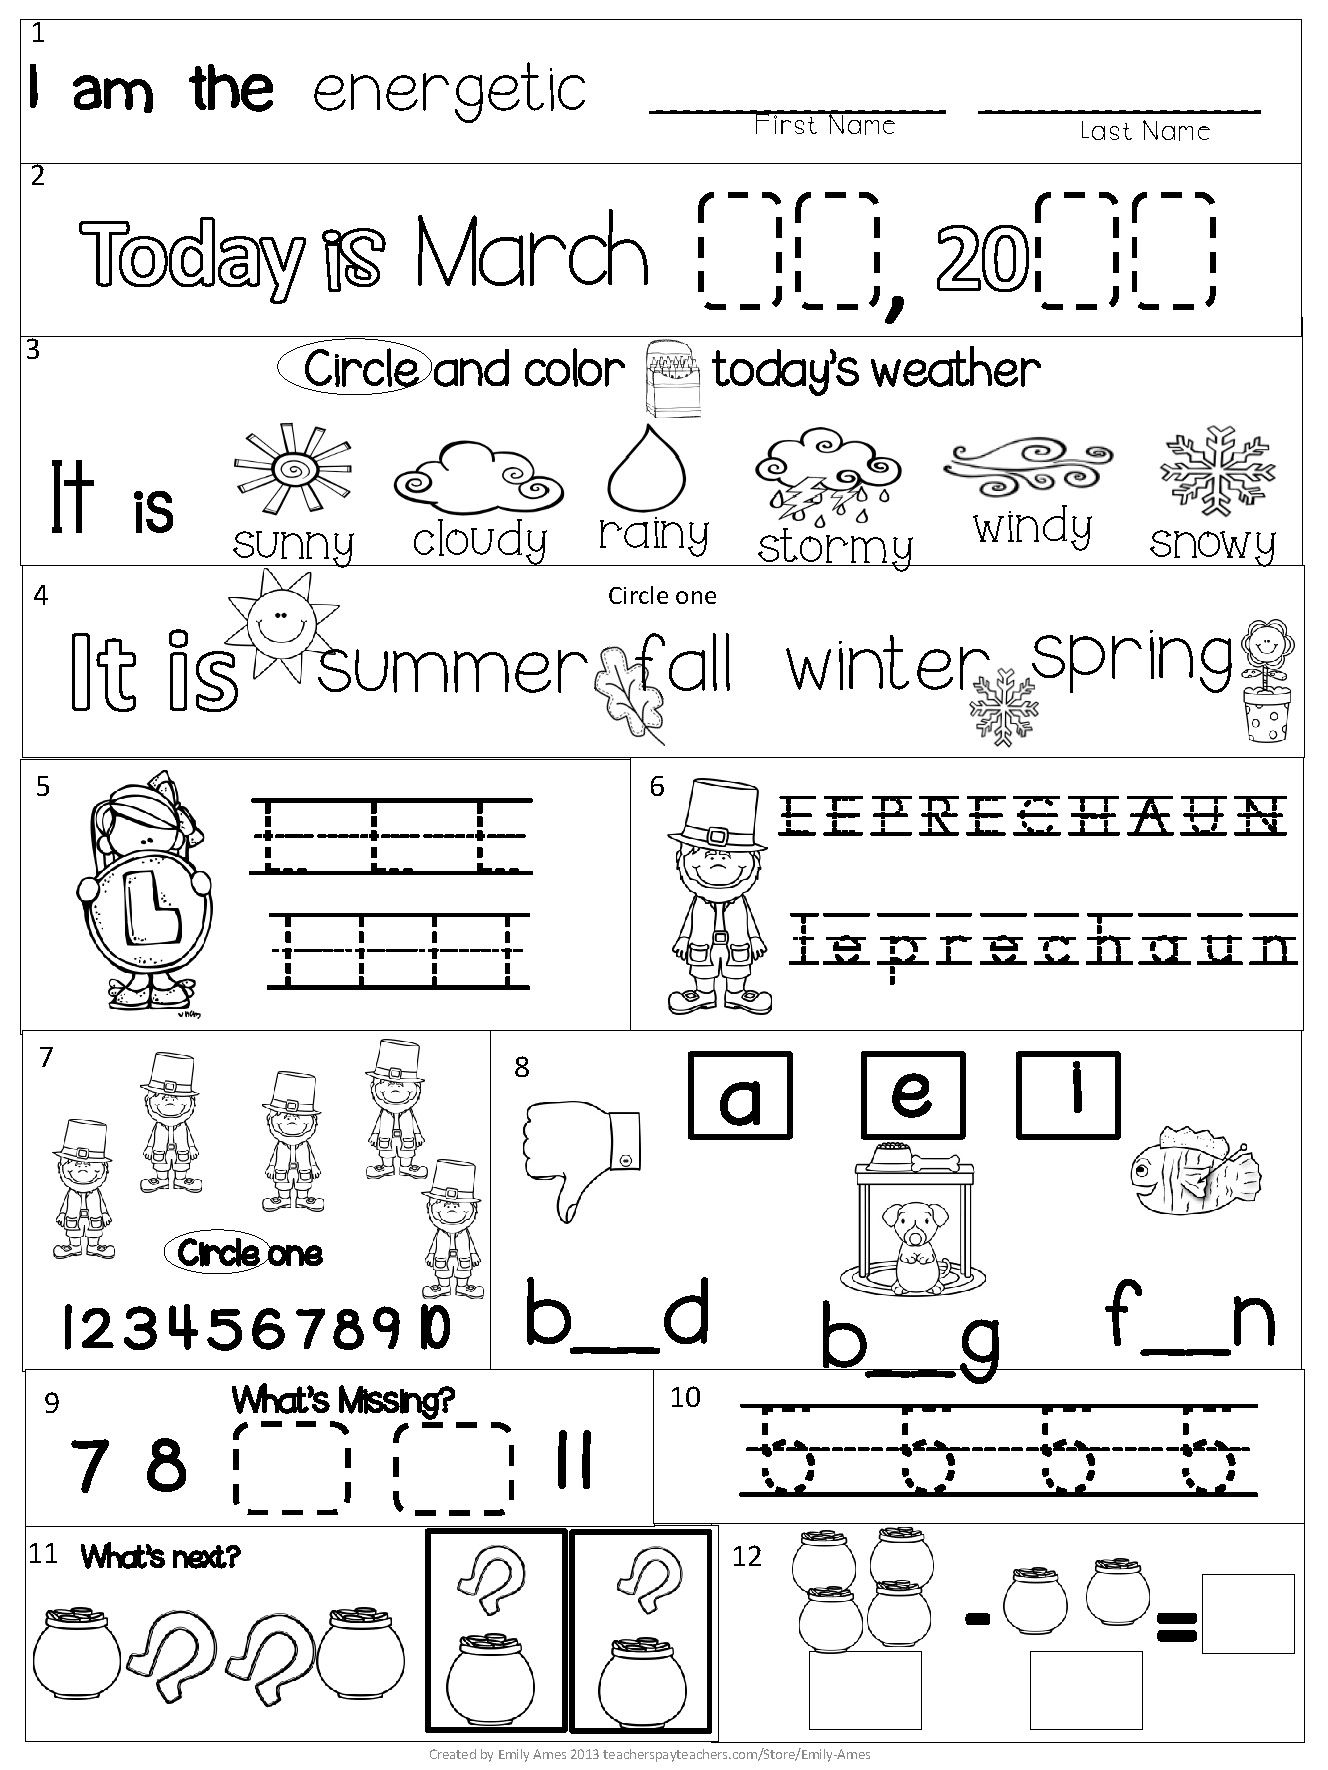 Kindergarten Homework Packet Printable Free